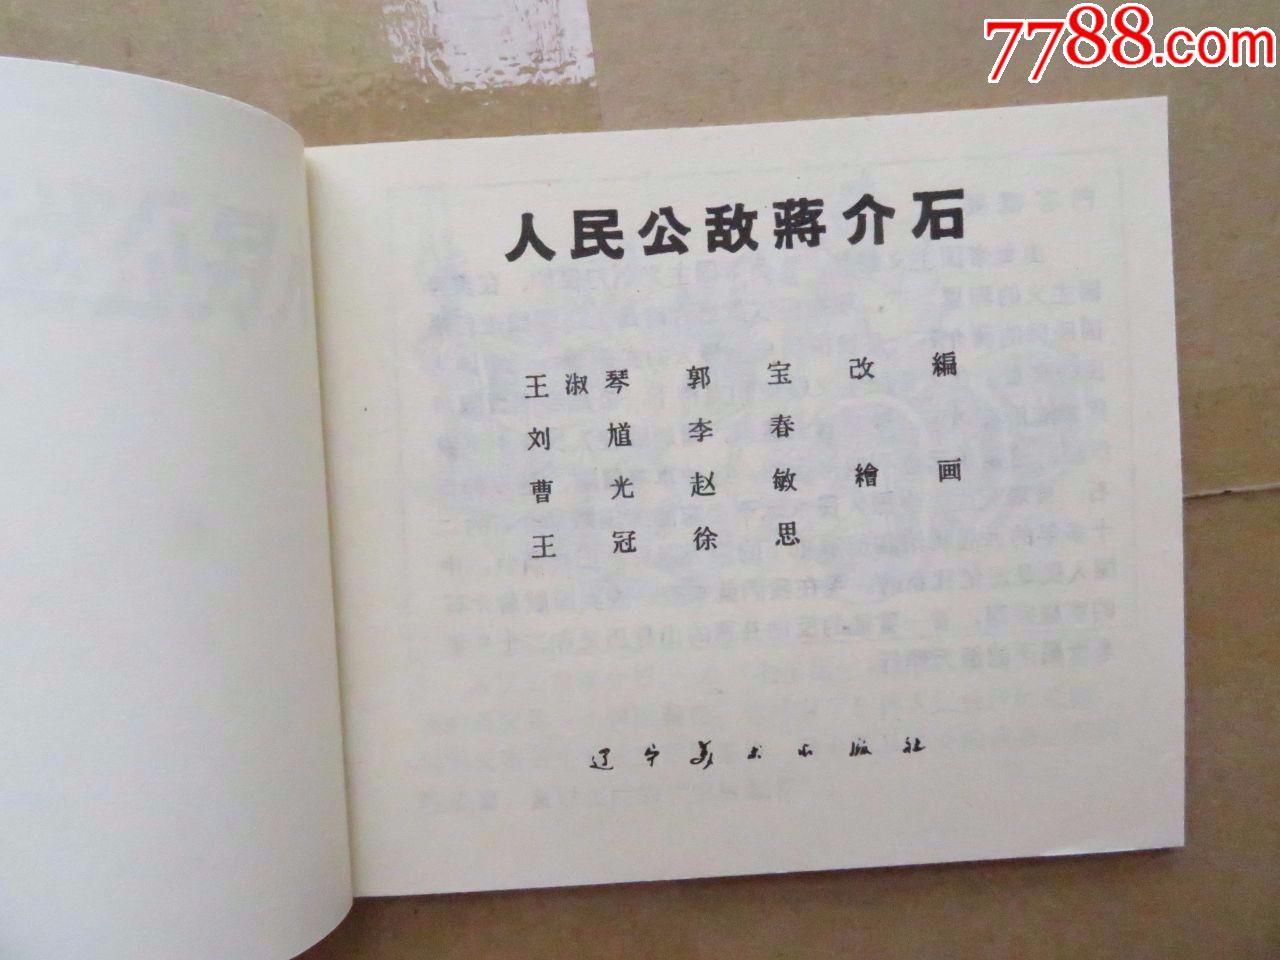 仿版,,人民公敌蒋介石_价格15元_第2张_